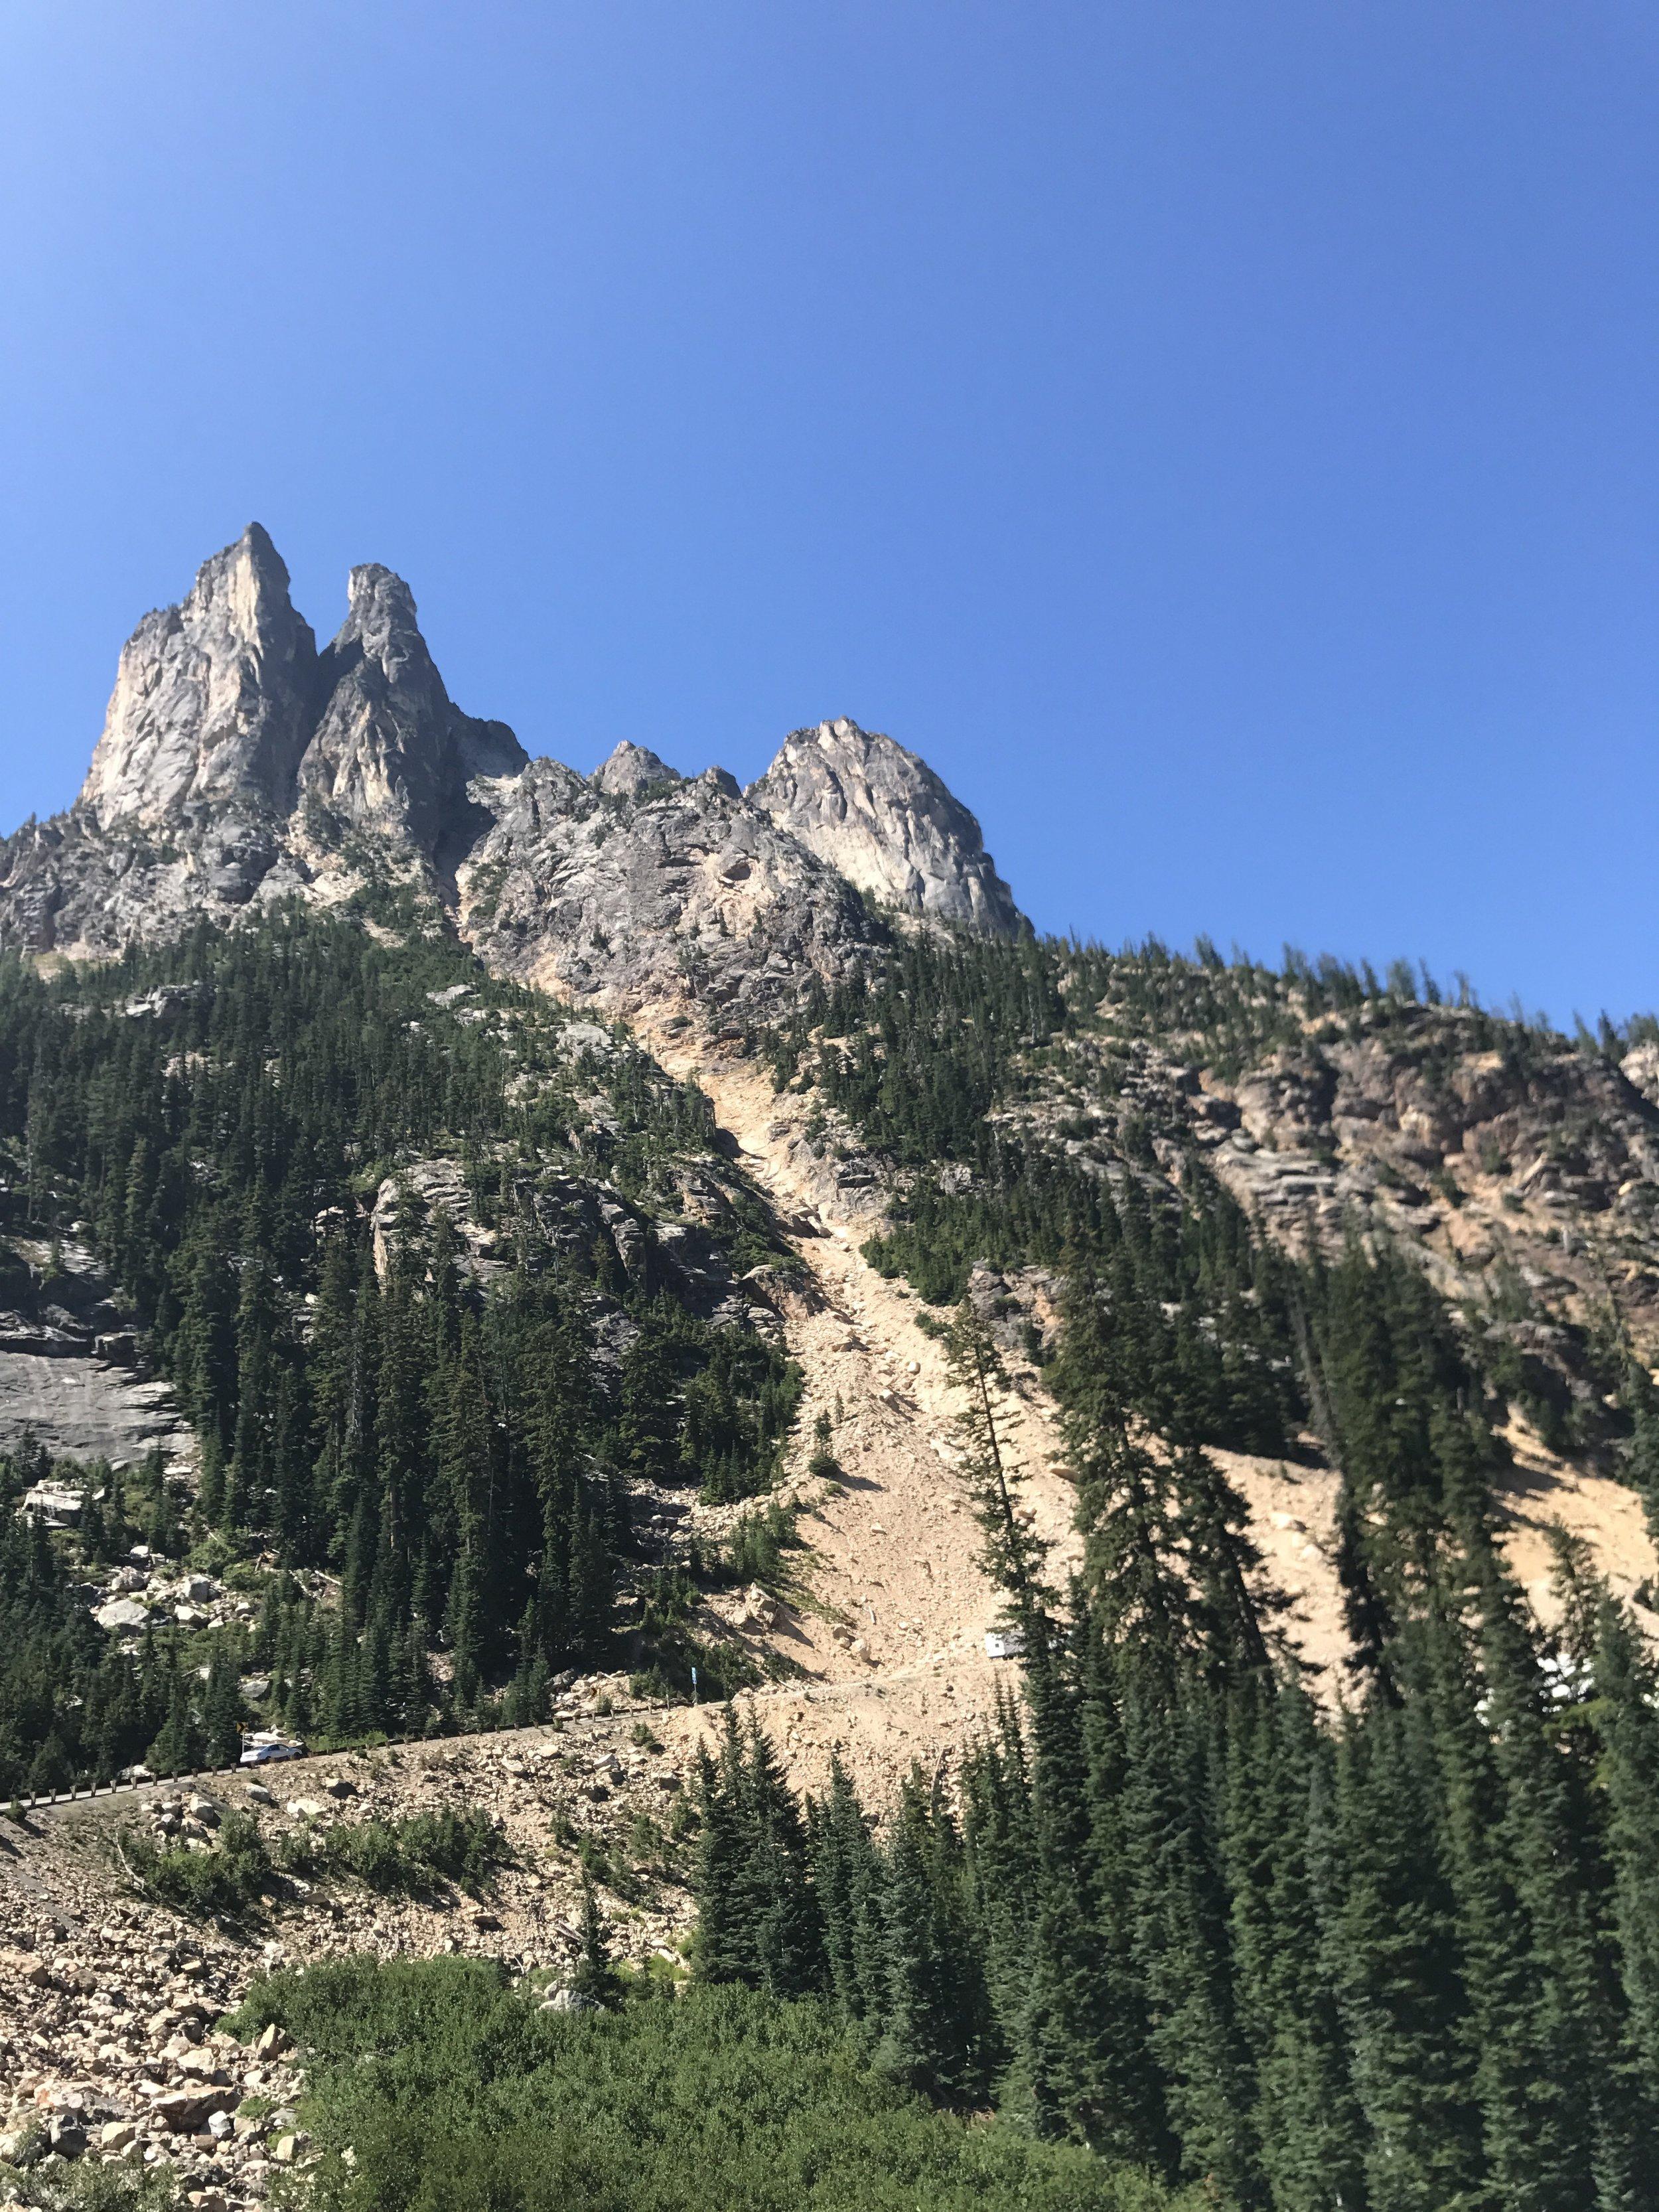 Cascade spires